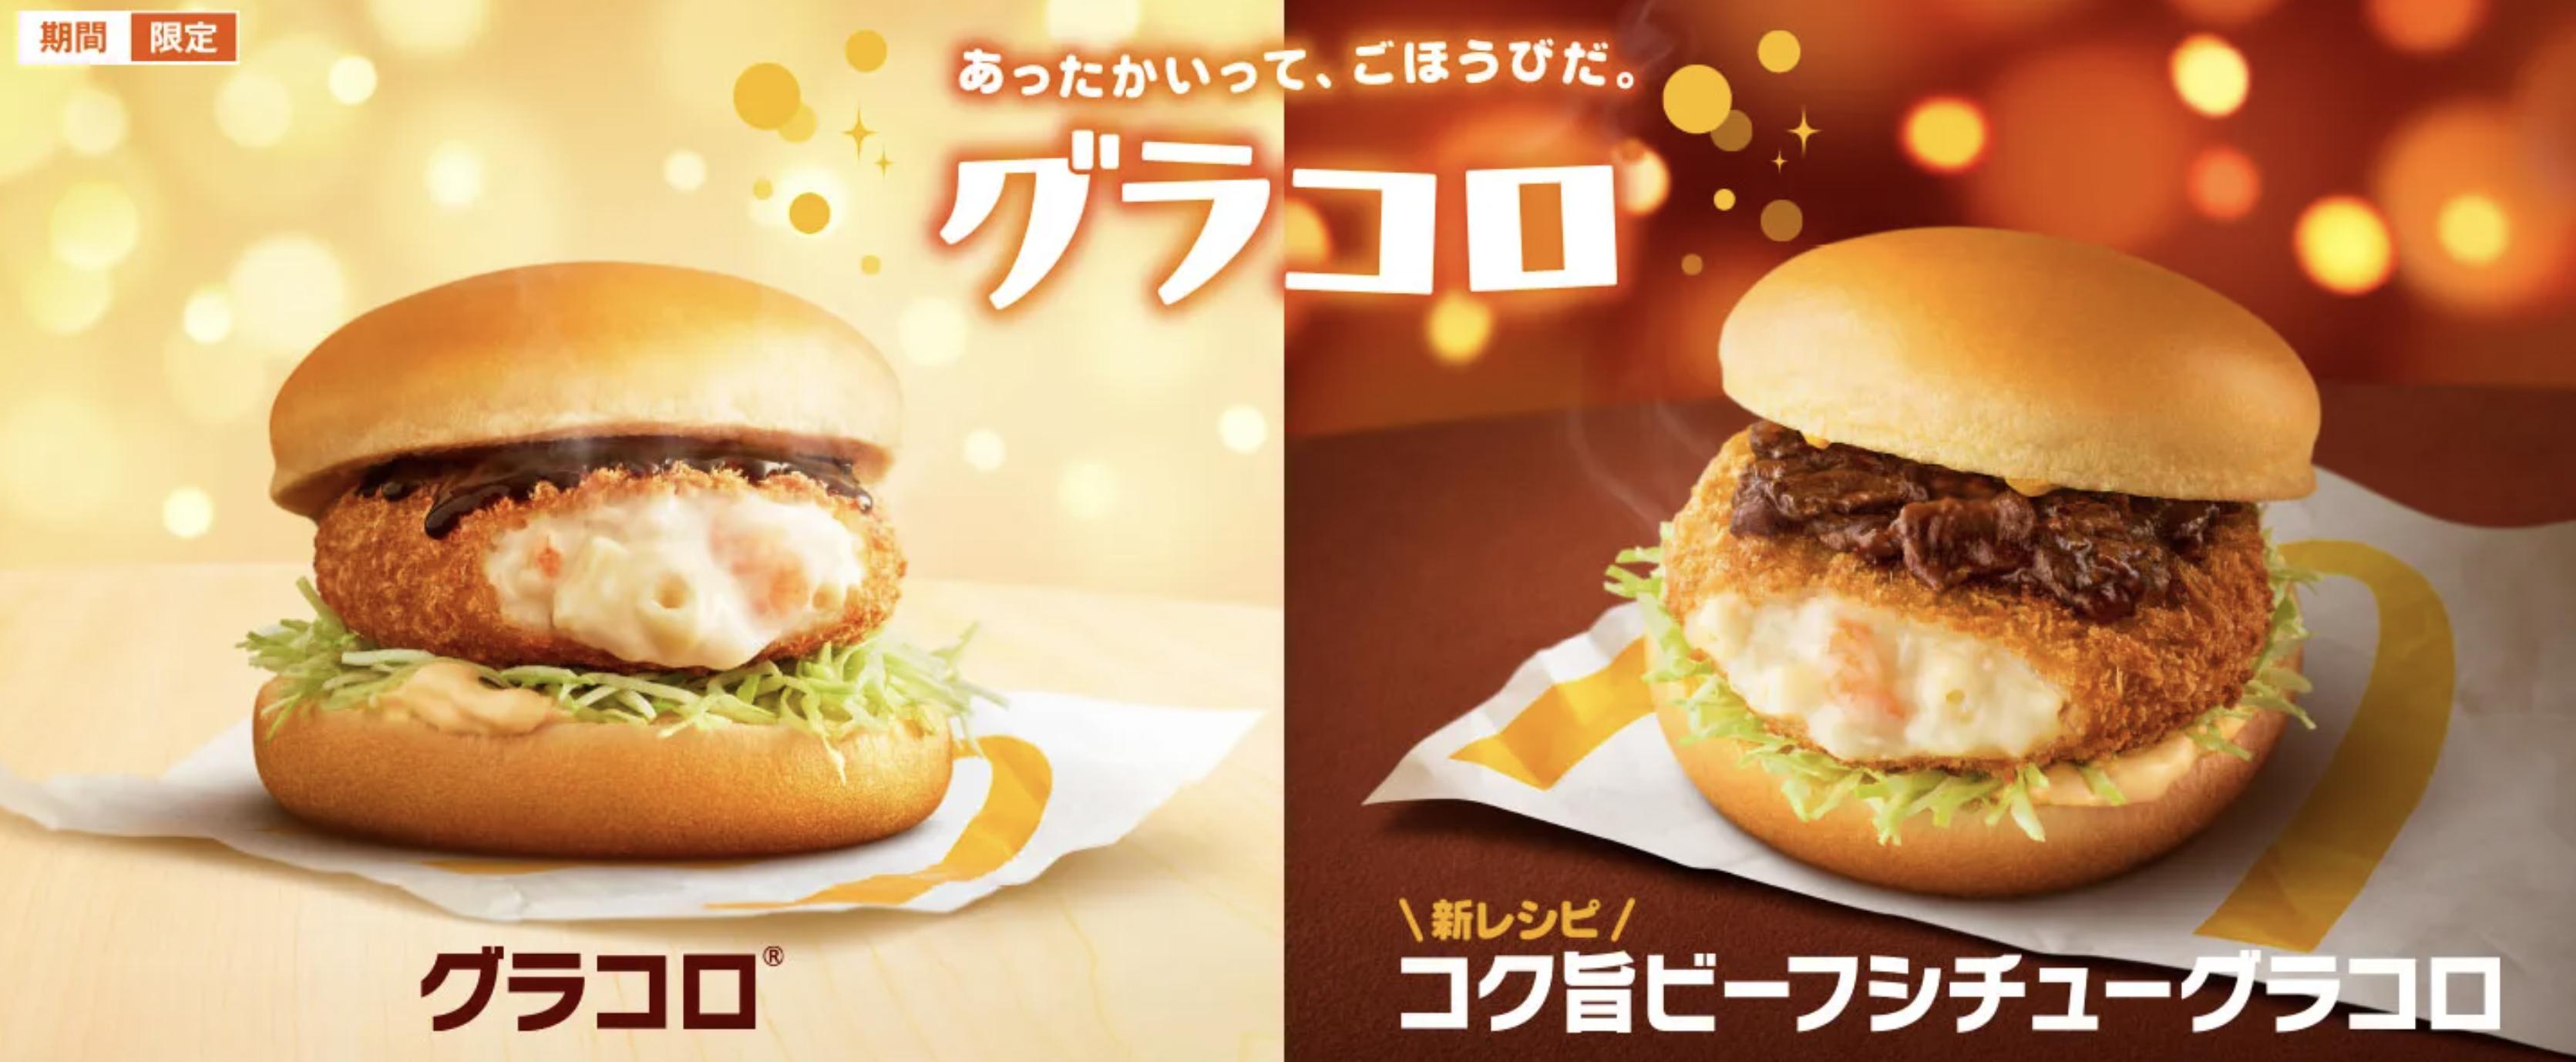 2020年冬に発売のマクドナルドのグラコロとグラコロビーフシチューの画像